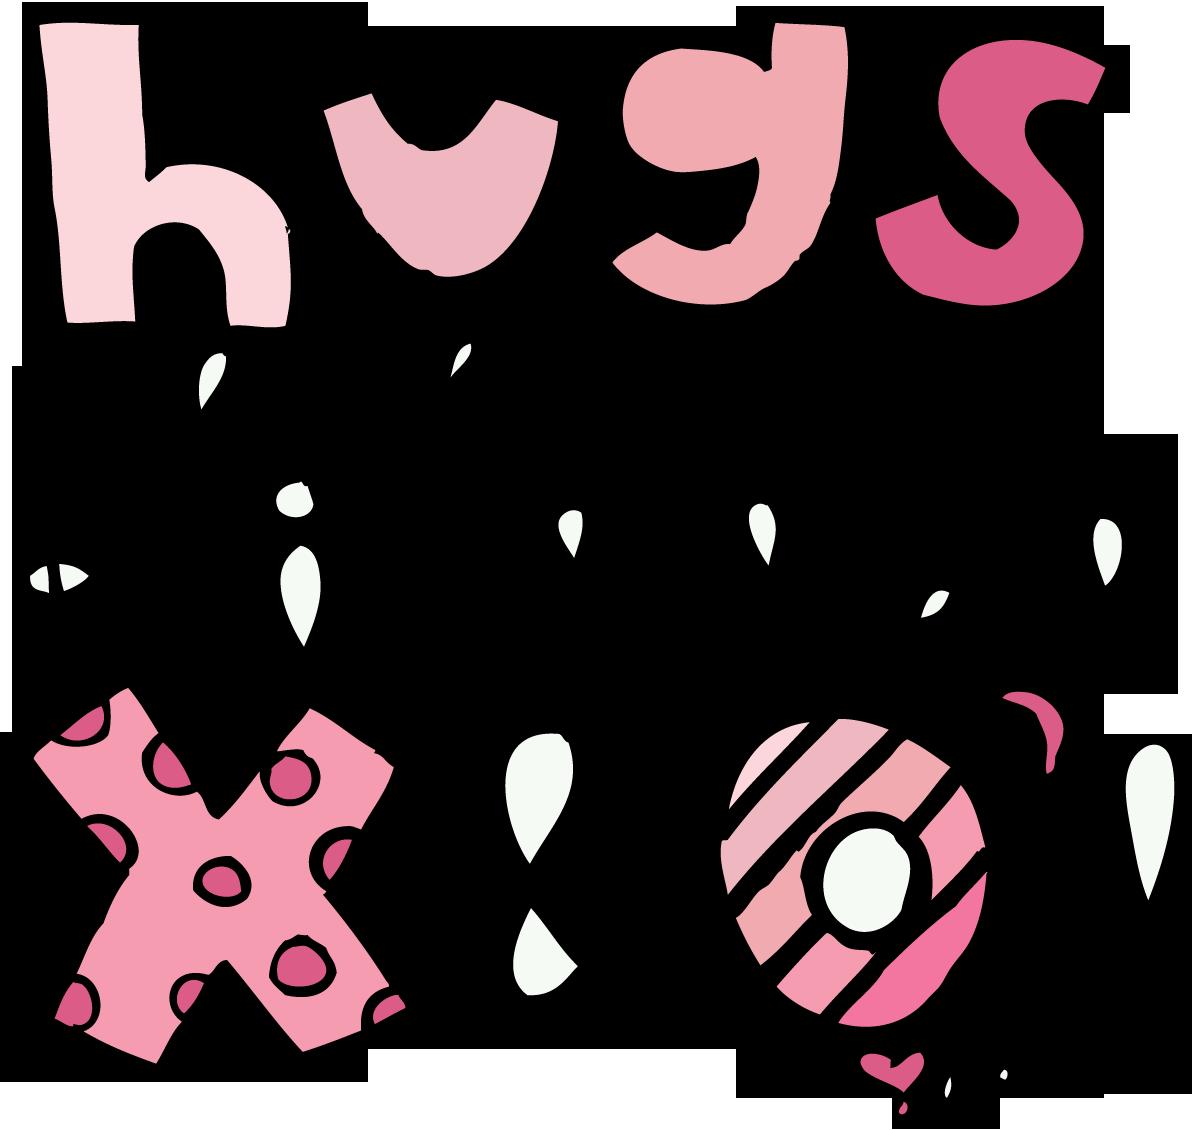 Hug hug kiss